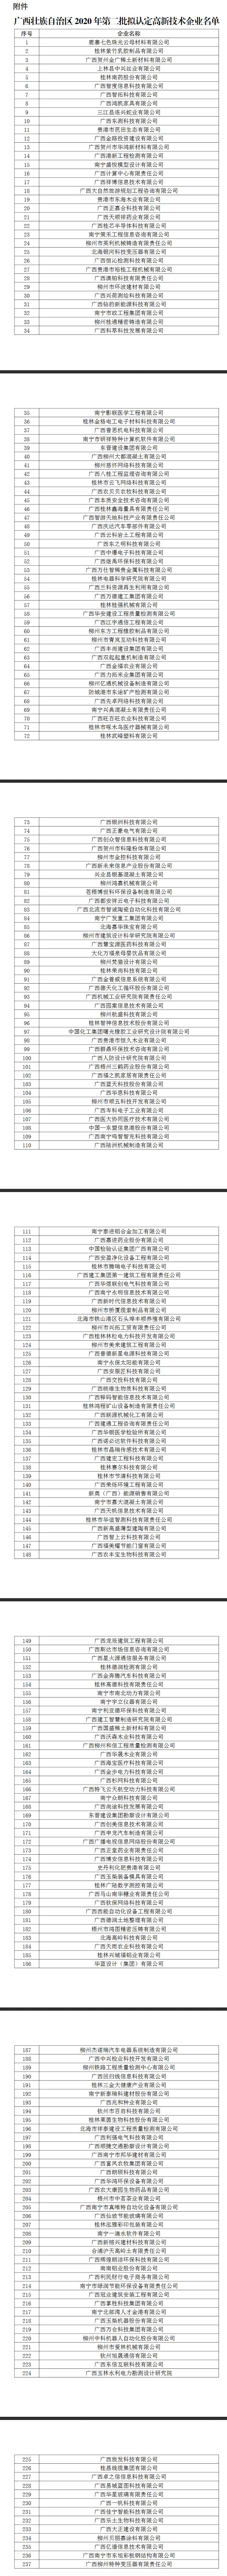 高企名单.png